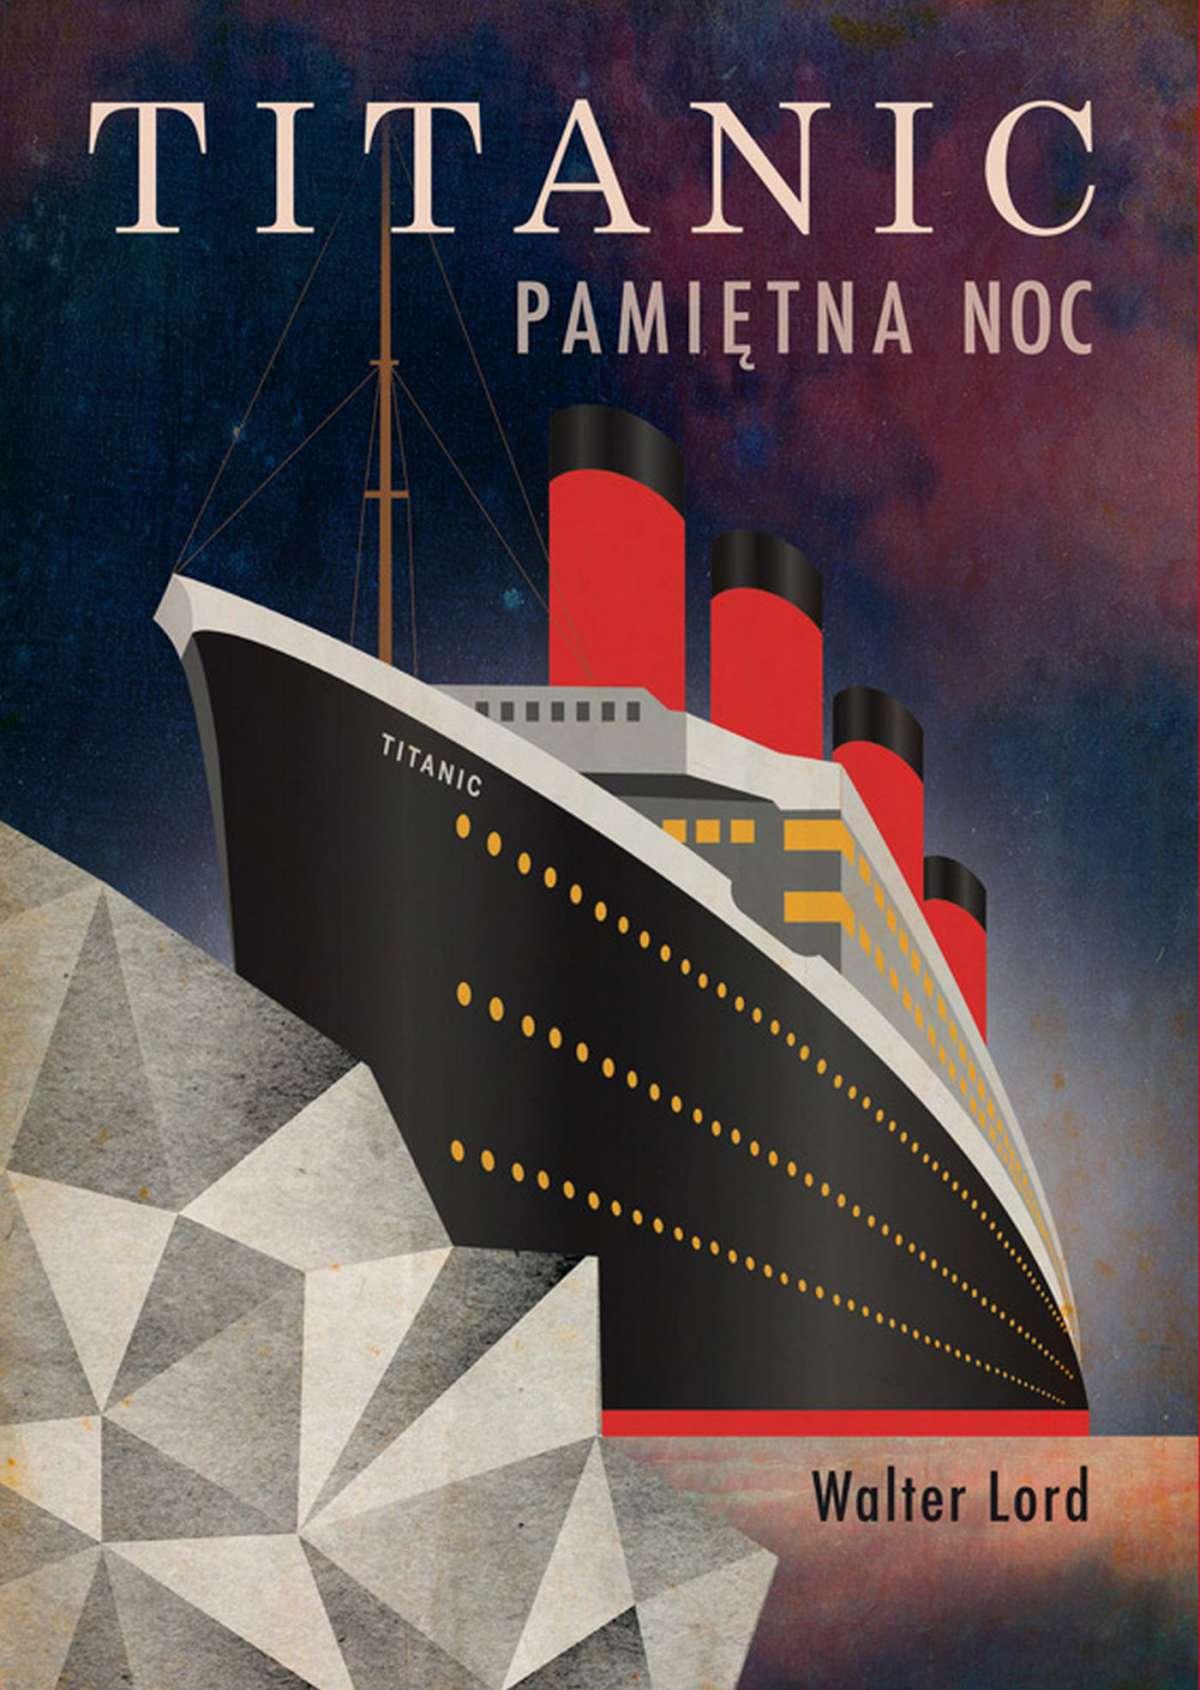 Titanic. Pamiętna noc - Ebook (Książka EPUB) do pobrania w formacie EPUB